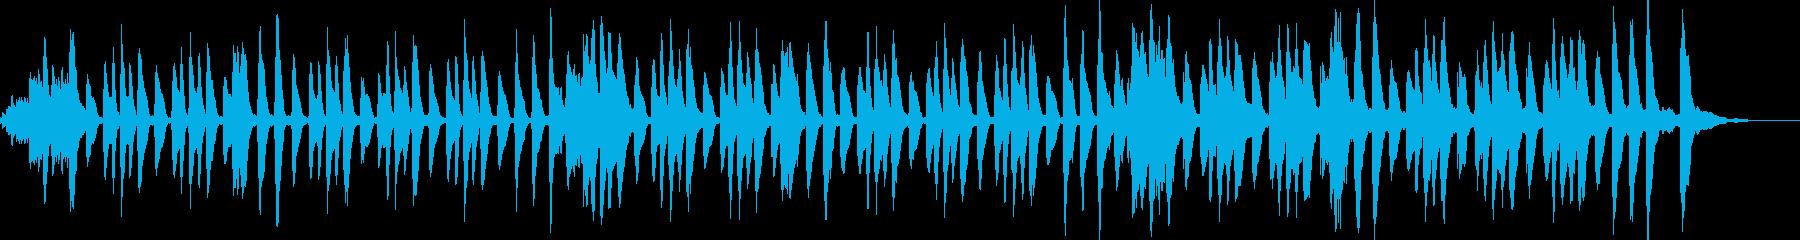 明るい曲 バイオリン/アップテンポの再生済みの波形